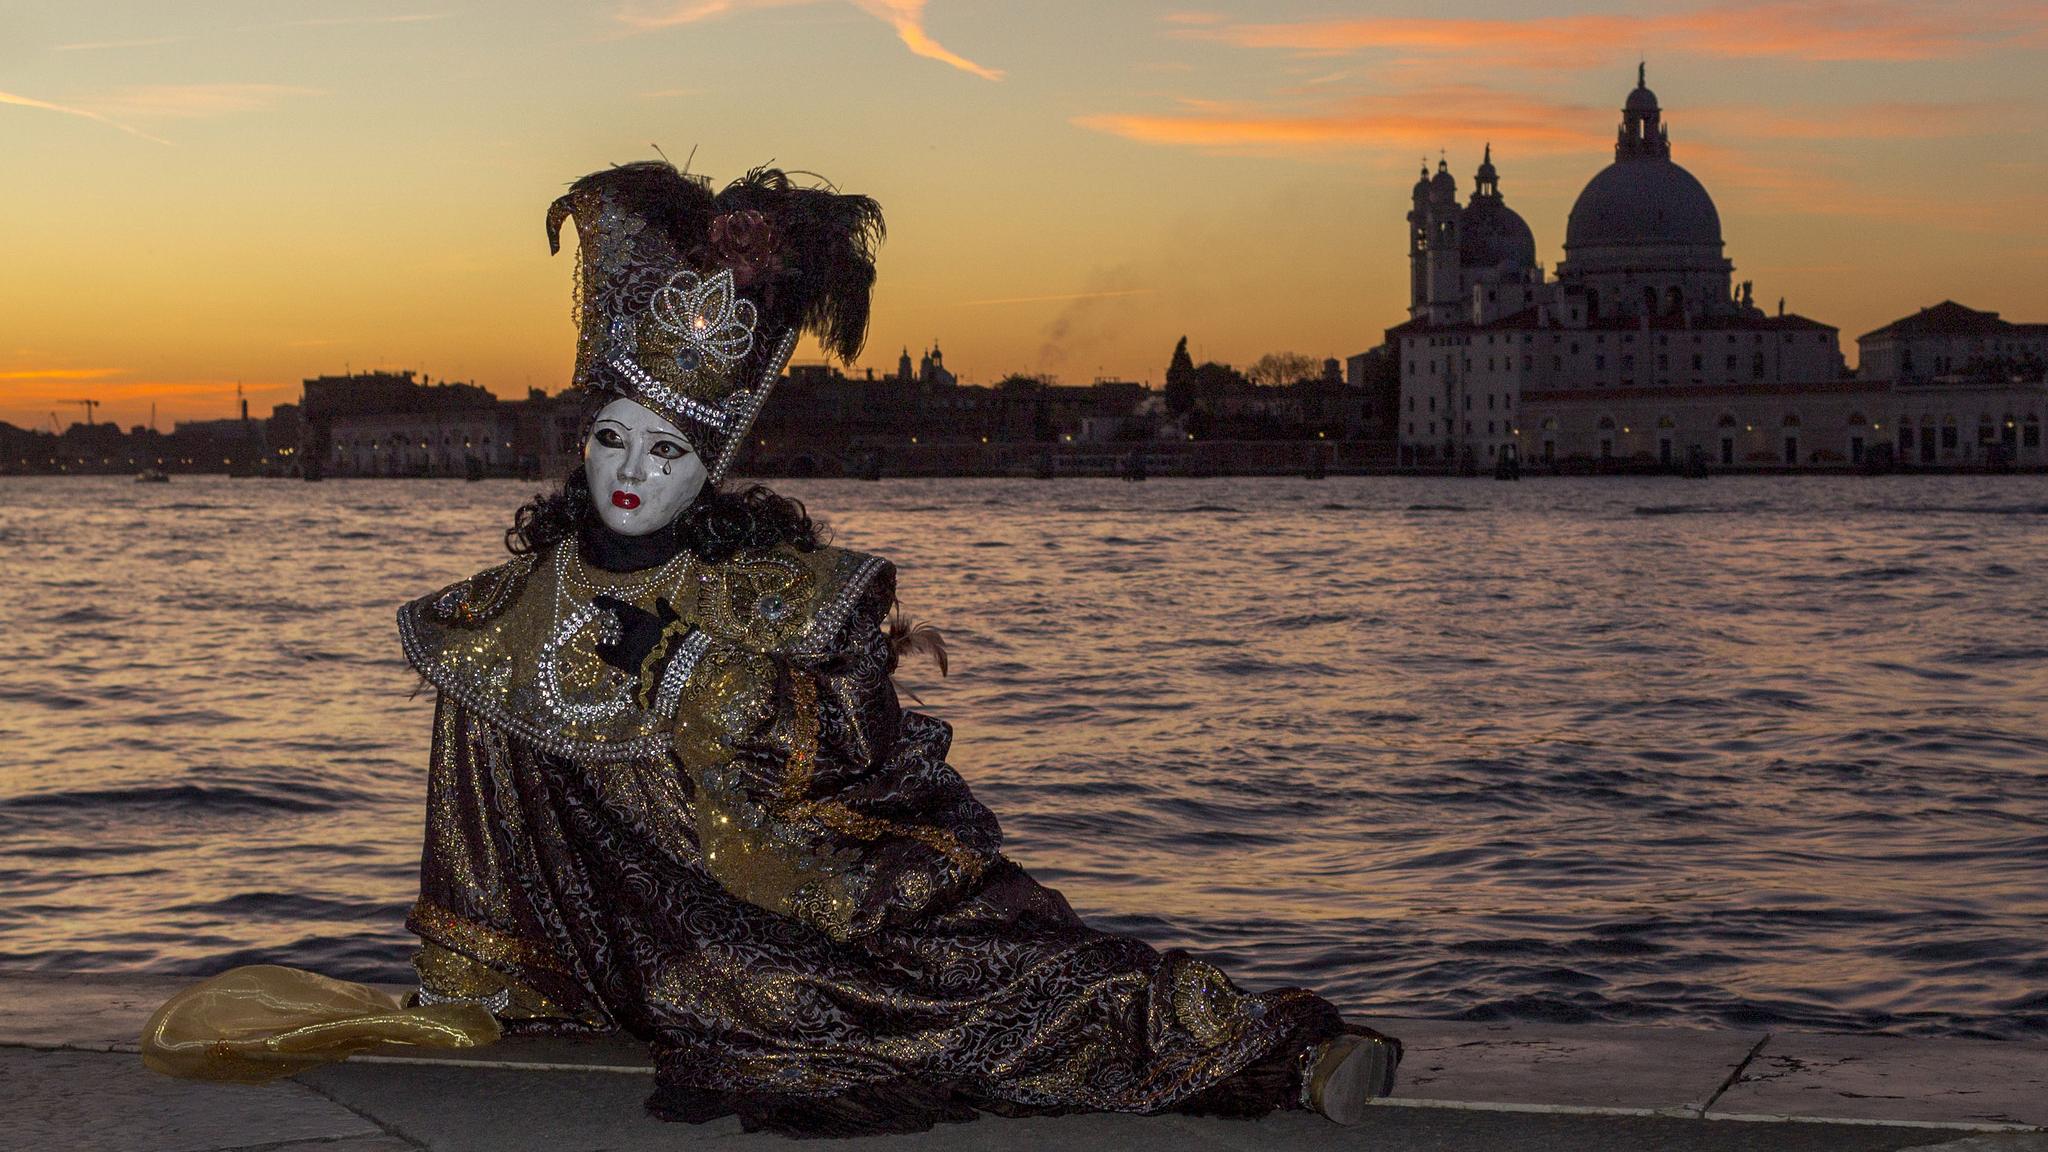 этом венецианский карнавал красивые картинки вас настоящими